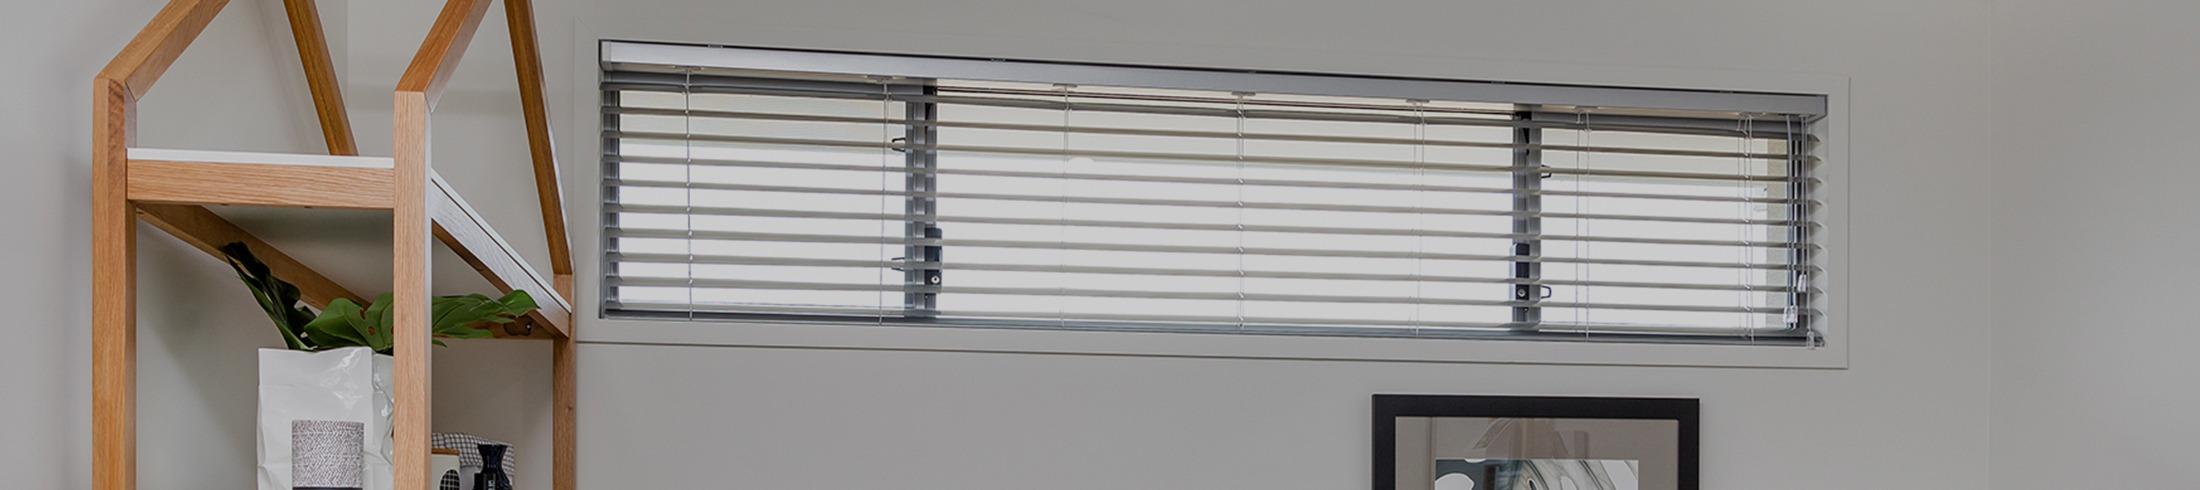 indoor venetian blinds 03